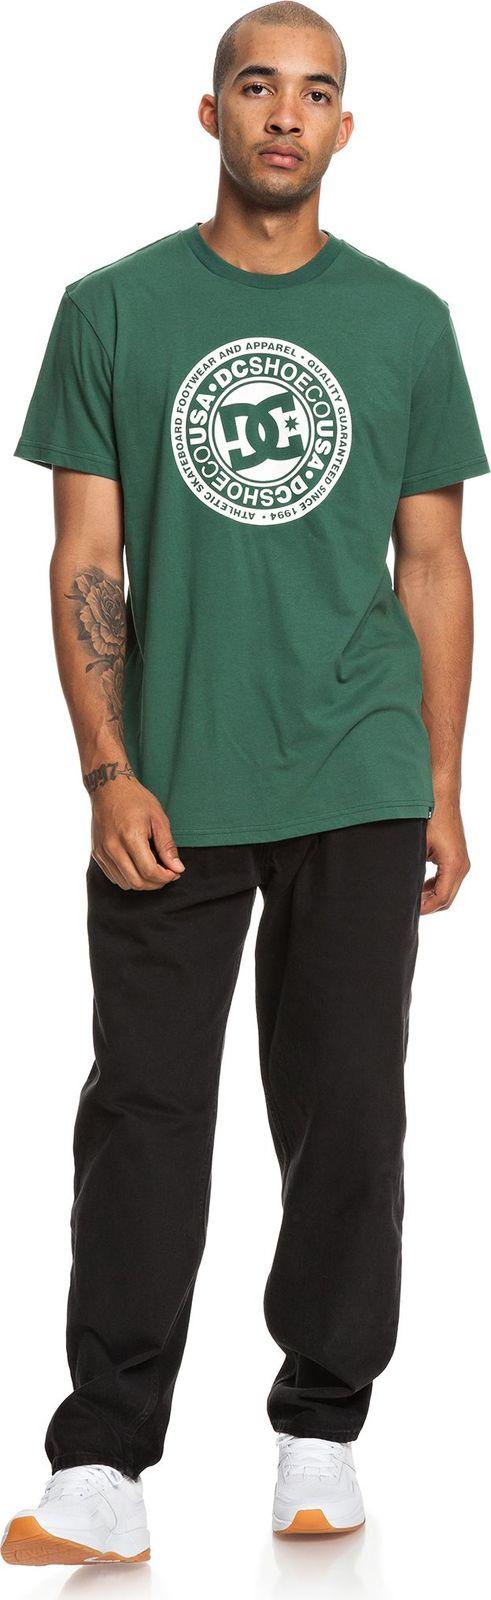 Футболка мужская DC Shoes Circle Starss2, цвет: зеленый. EDYZT03901-GRW0. Размер XS (44)EDYZT03901-GRW0